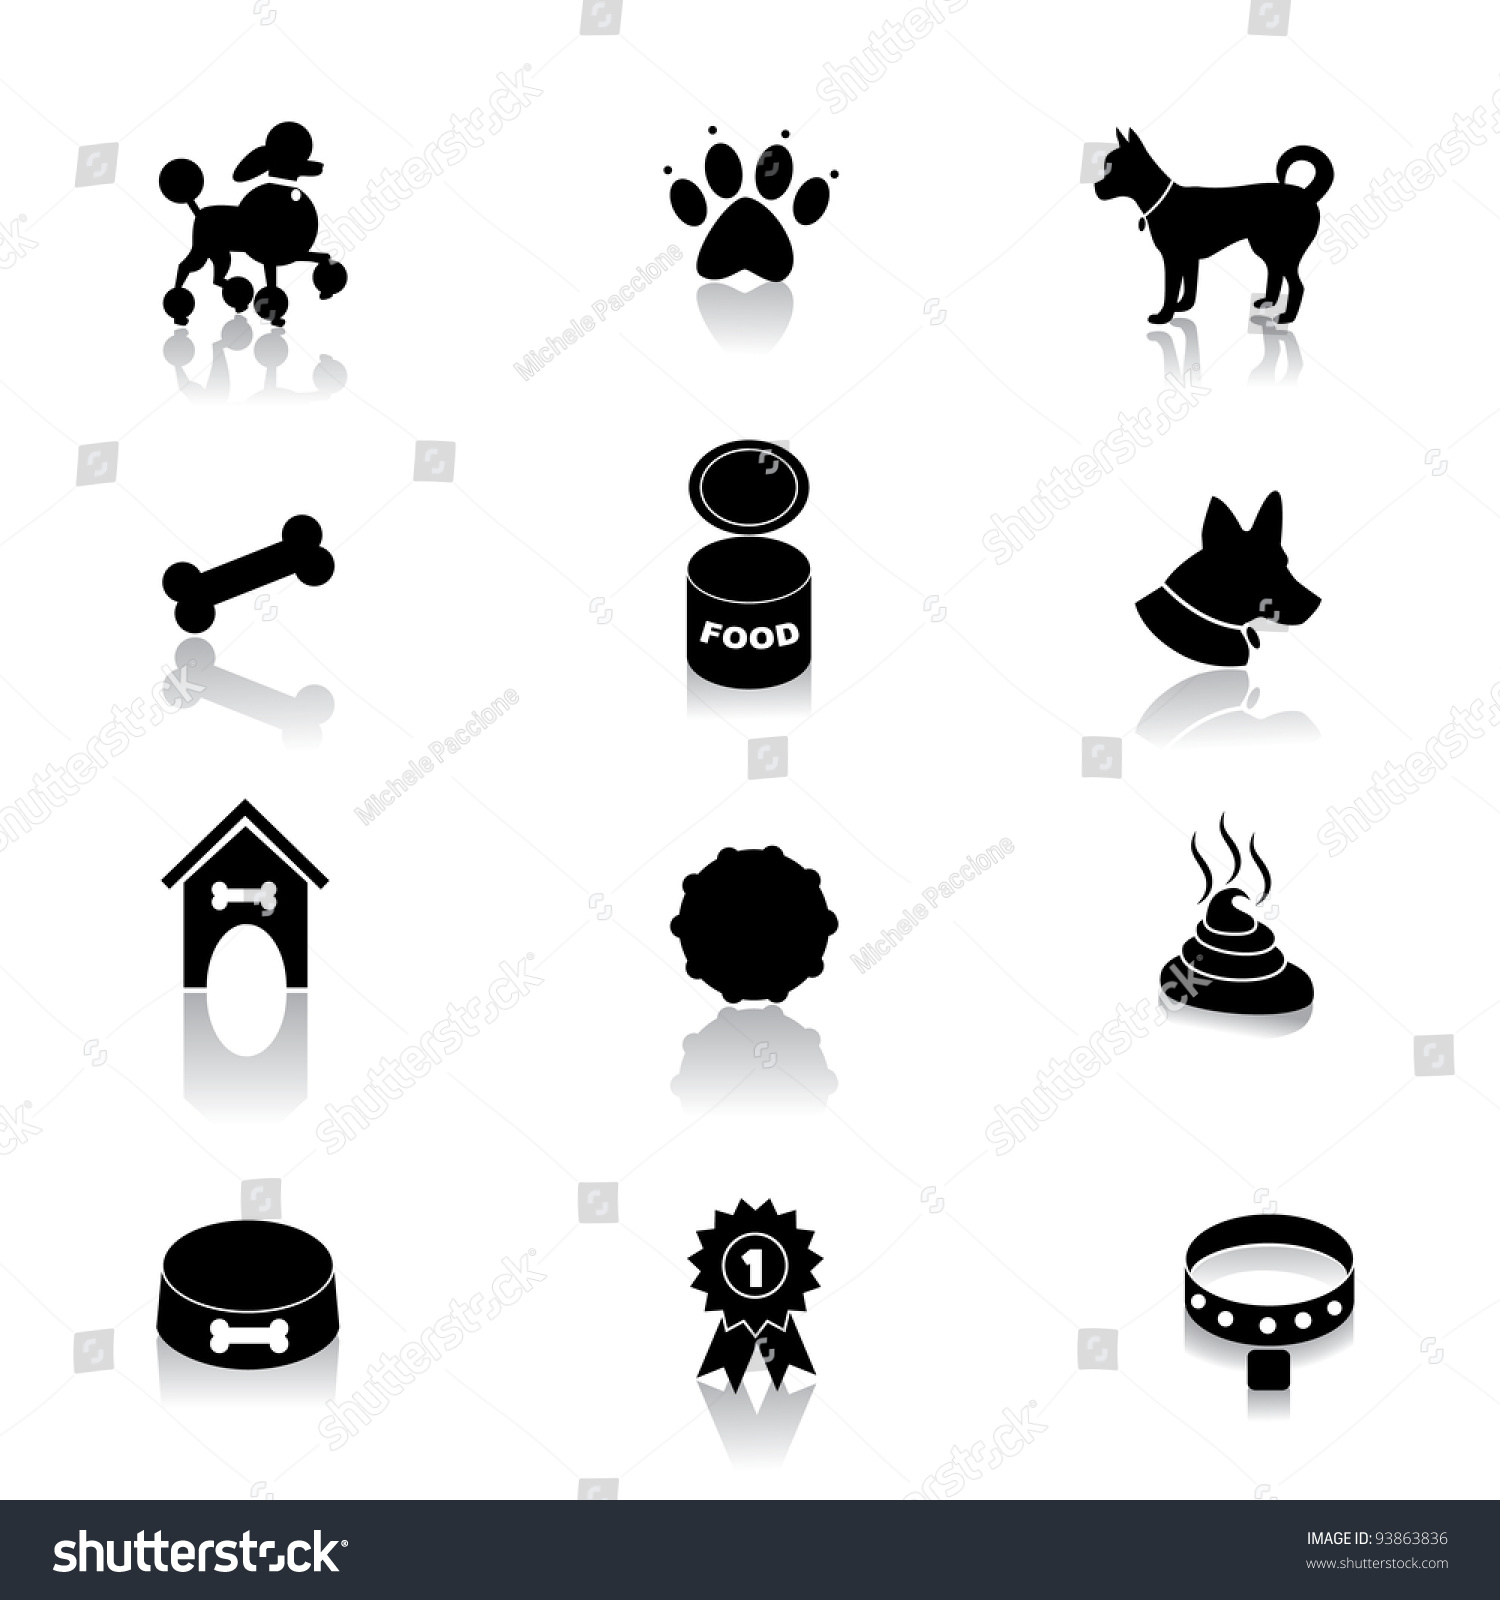 Black Dog Represents